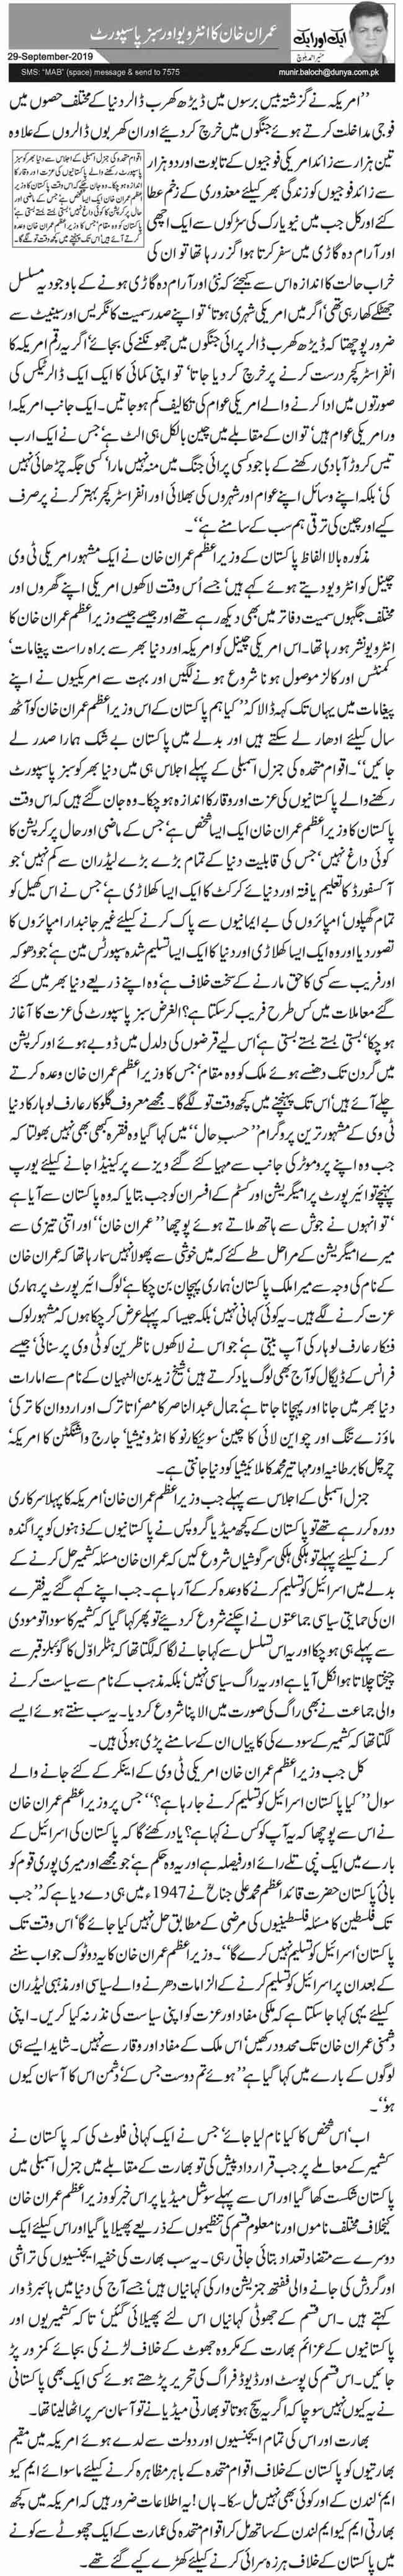 28543 12609293 - عمران خان کا انٹرویو اور سبز پاسپورٹ  ، منیر احمد بلوچ